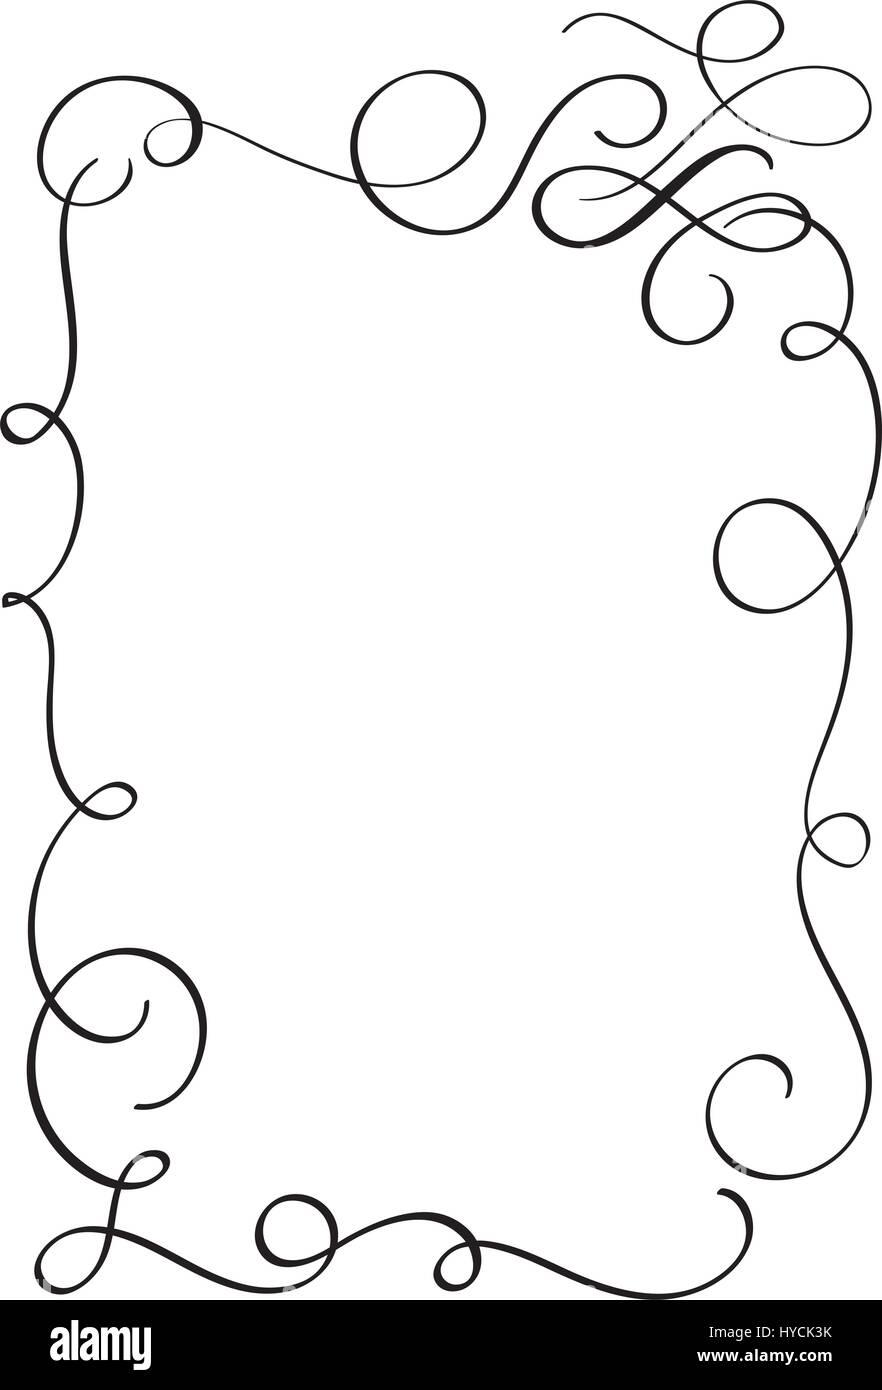 Calligraphy borders vector pixshark images